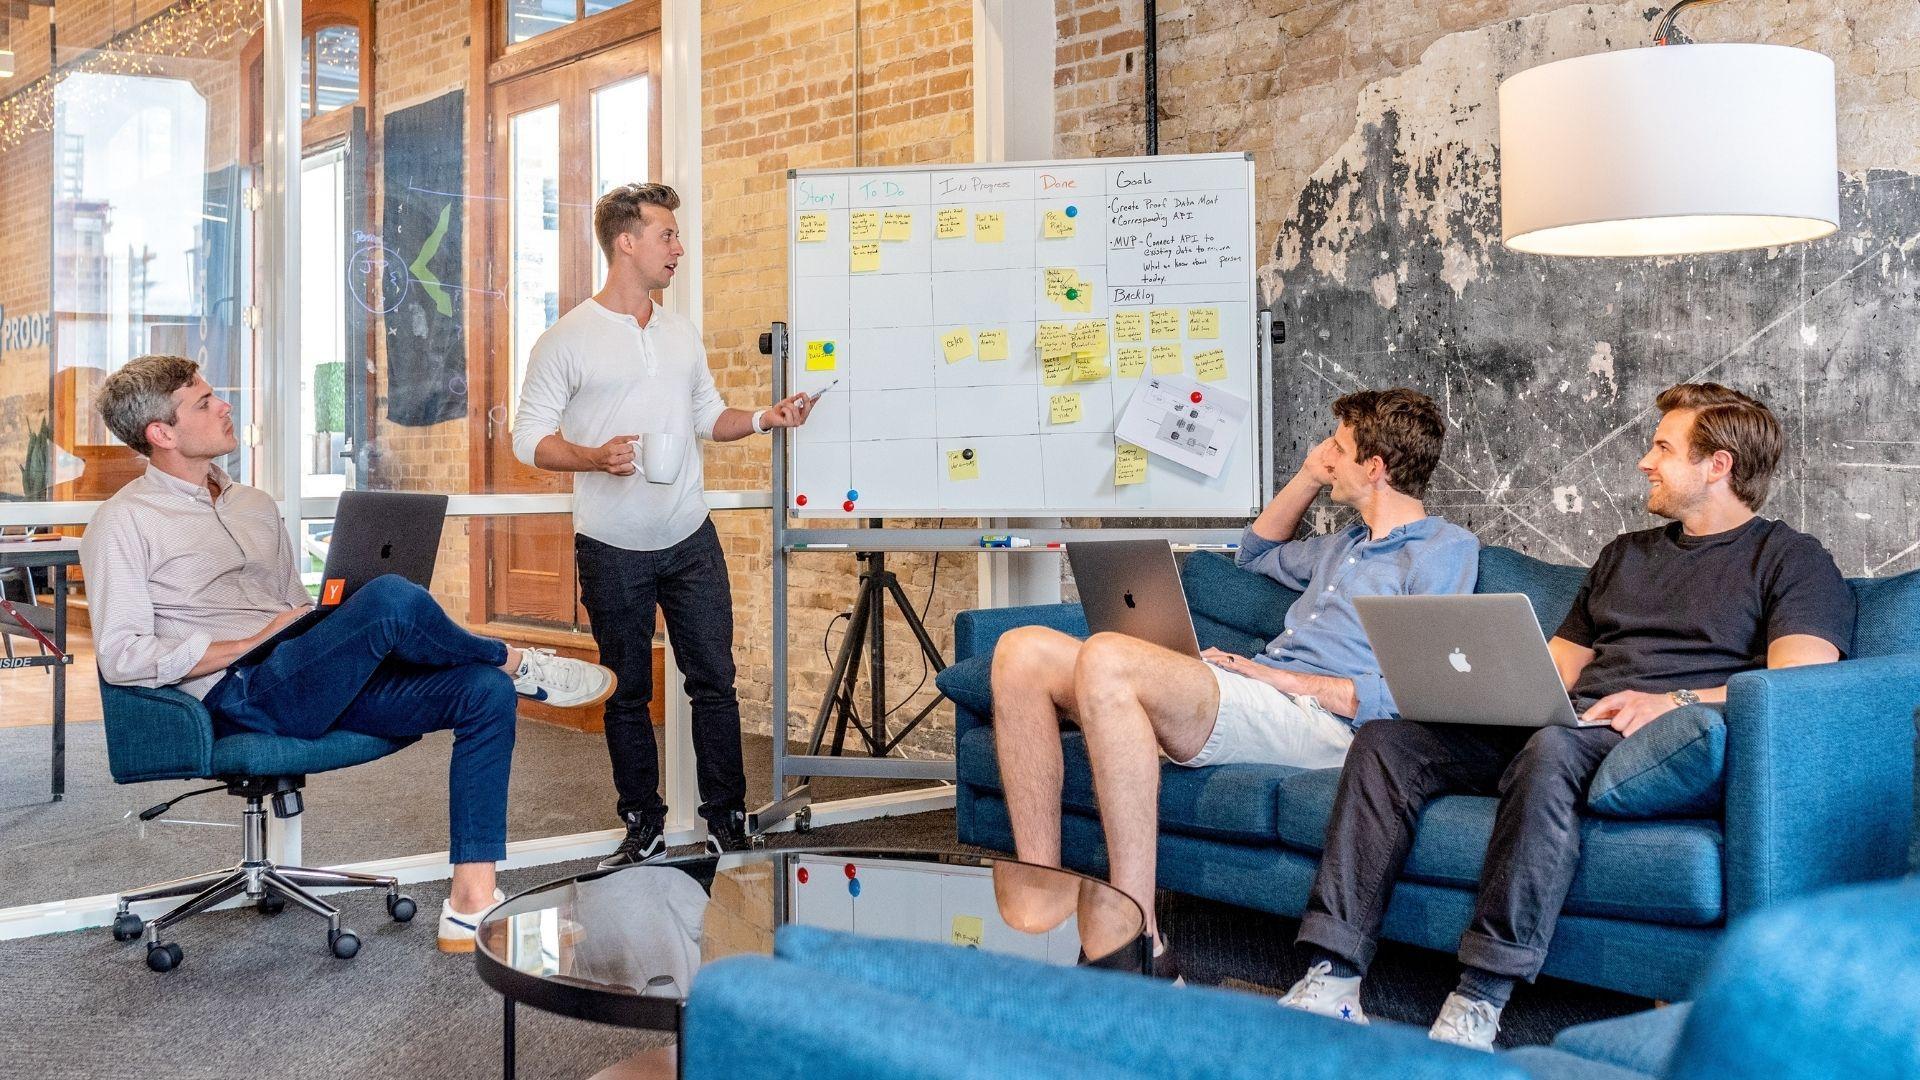 P Descoperă ce tipologie de mentor ți se potrivește|EpicNews